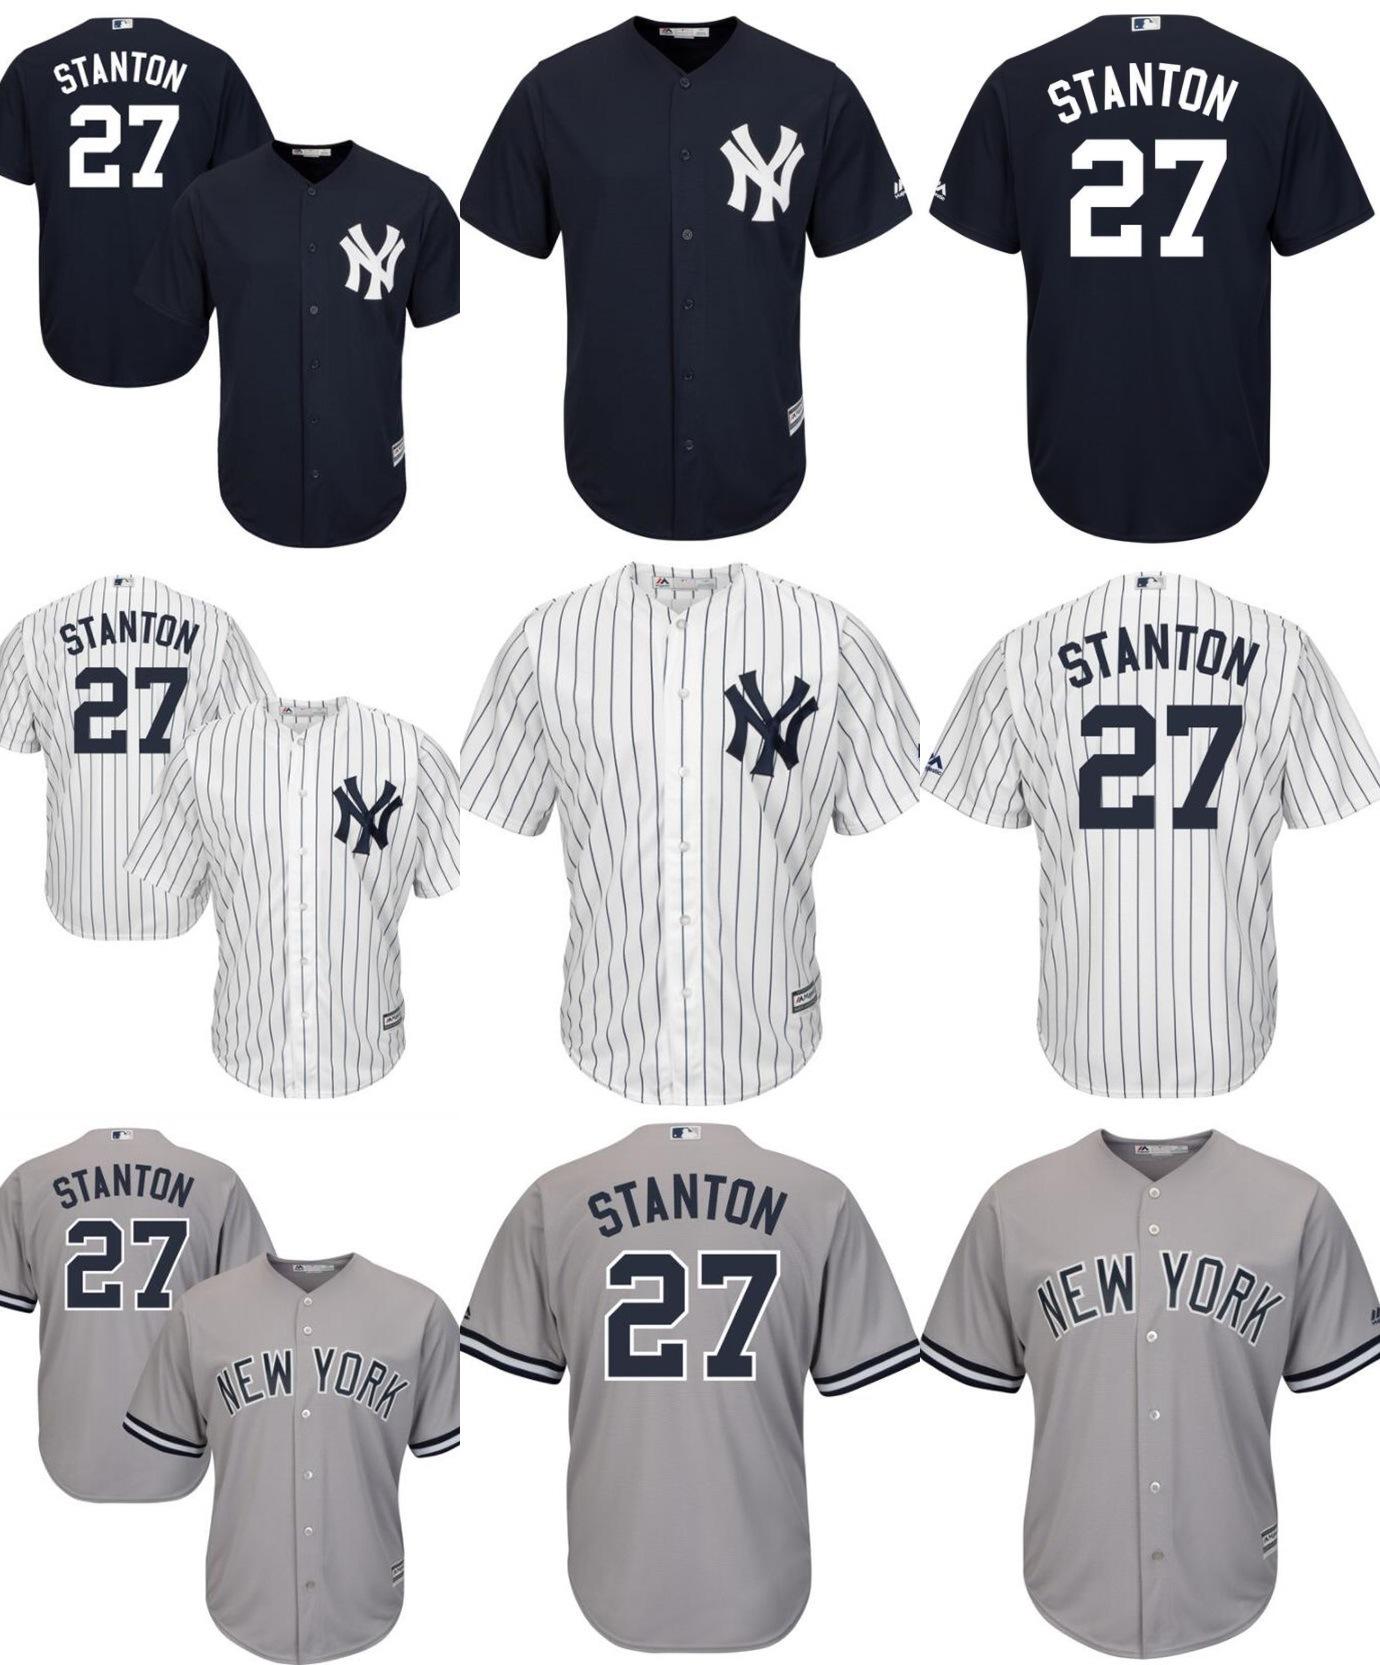 low priced 121f3 318c8 [Hot Item] New York Yankees Giancarlo Stanton Cool Base Baseball Jerseys